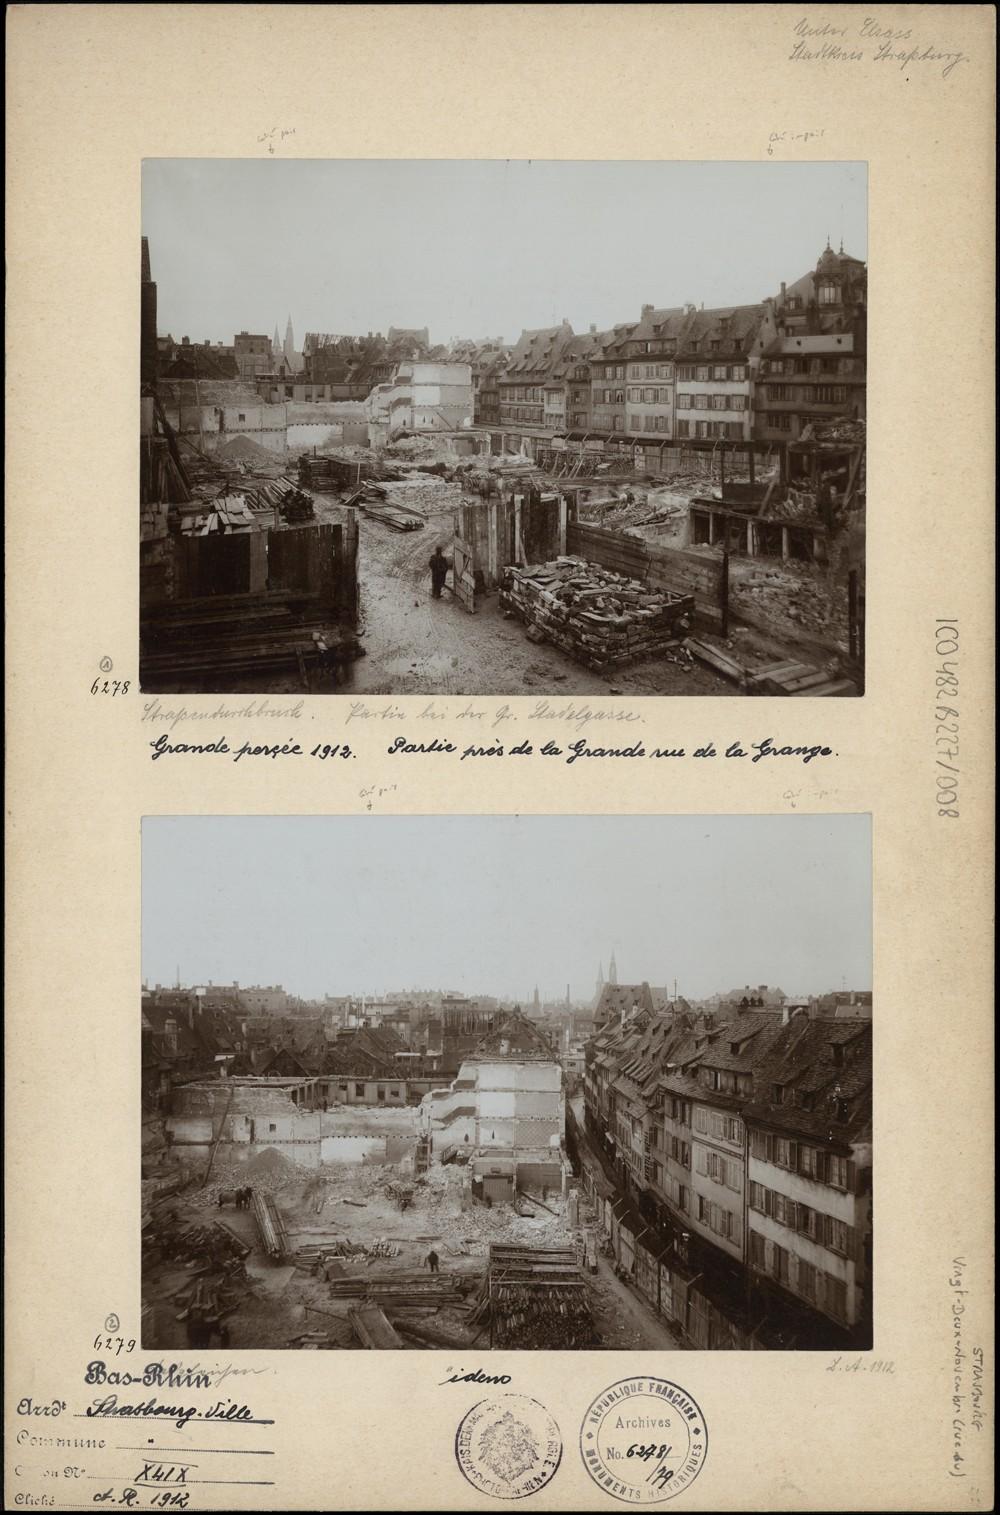 Travaux de la Grande Percée, actuelle rue du 22-Novembre à Strasbourg. S.n., 1912 (Denkmalarchiv, DRAC Alsace)